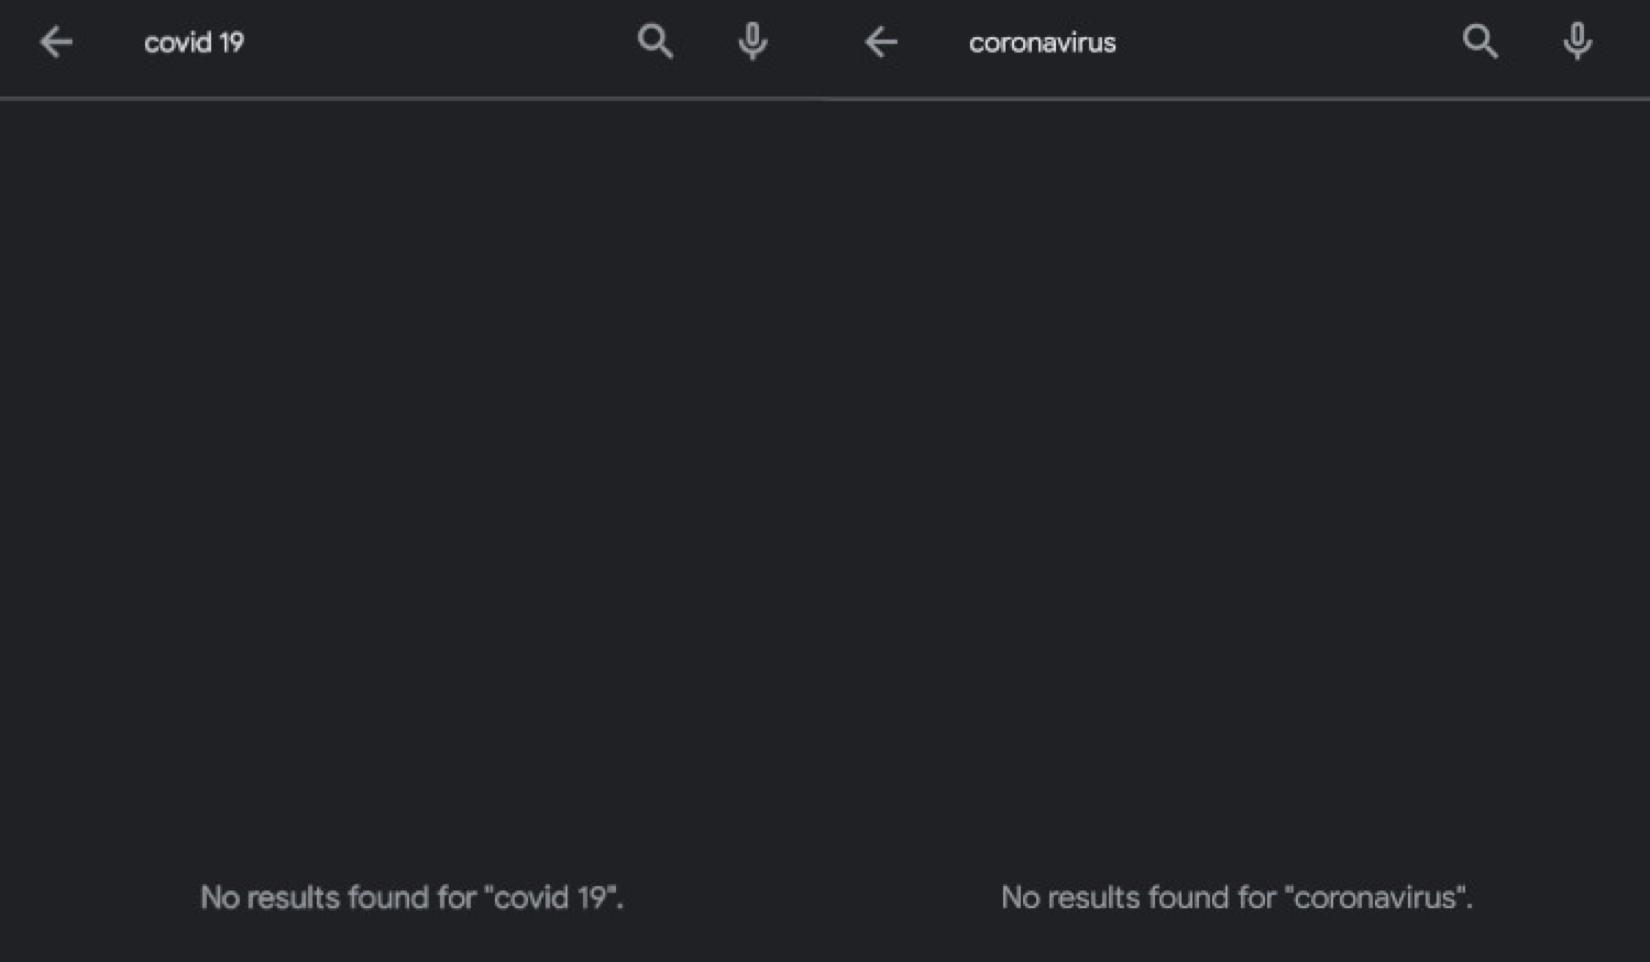 В итоге в мае сторы на поисковые запросы давали такие результаты